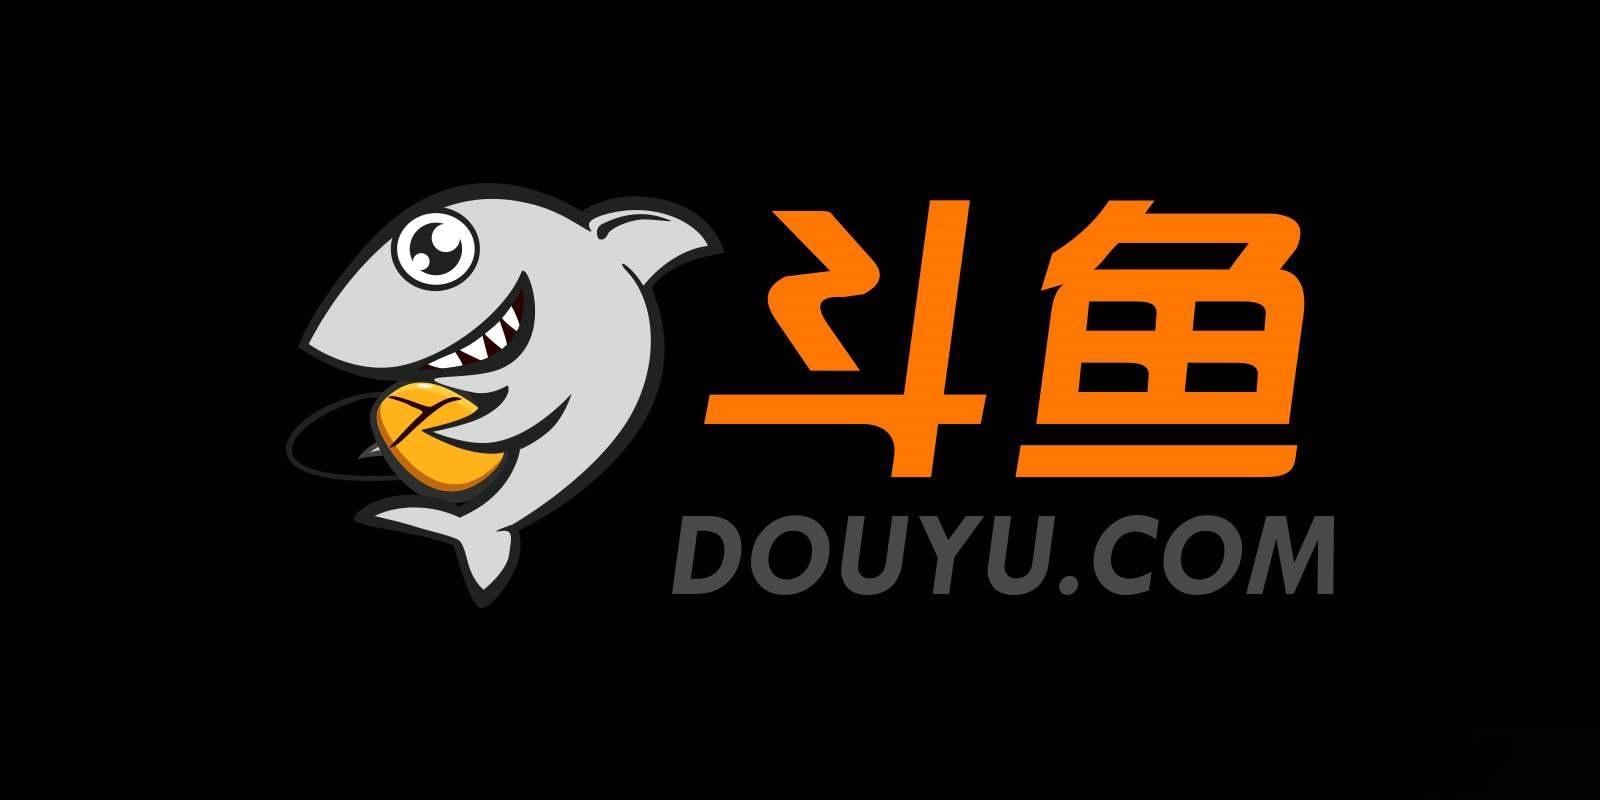 斗鱼TV的前身为ACFUN生放送直播,于2014年1月1日起正式更名为斗鱼TV。斗鱼TV以游戏直播为主,目前涵盖了娱乐、综艺、体育、户外等多种直播内容。